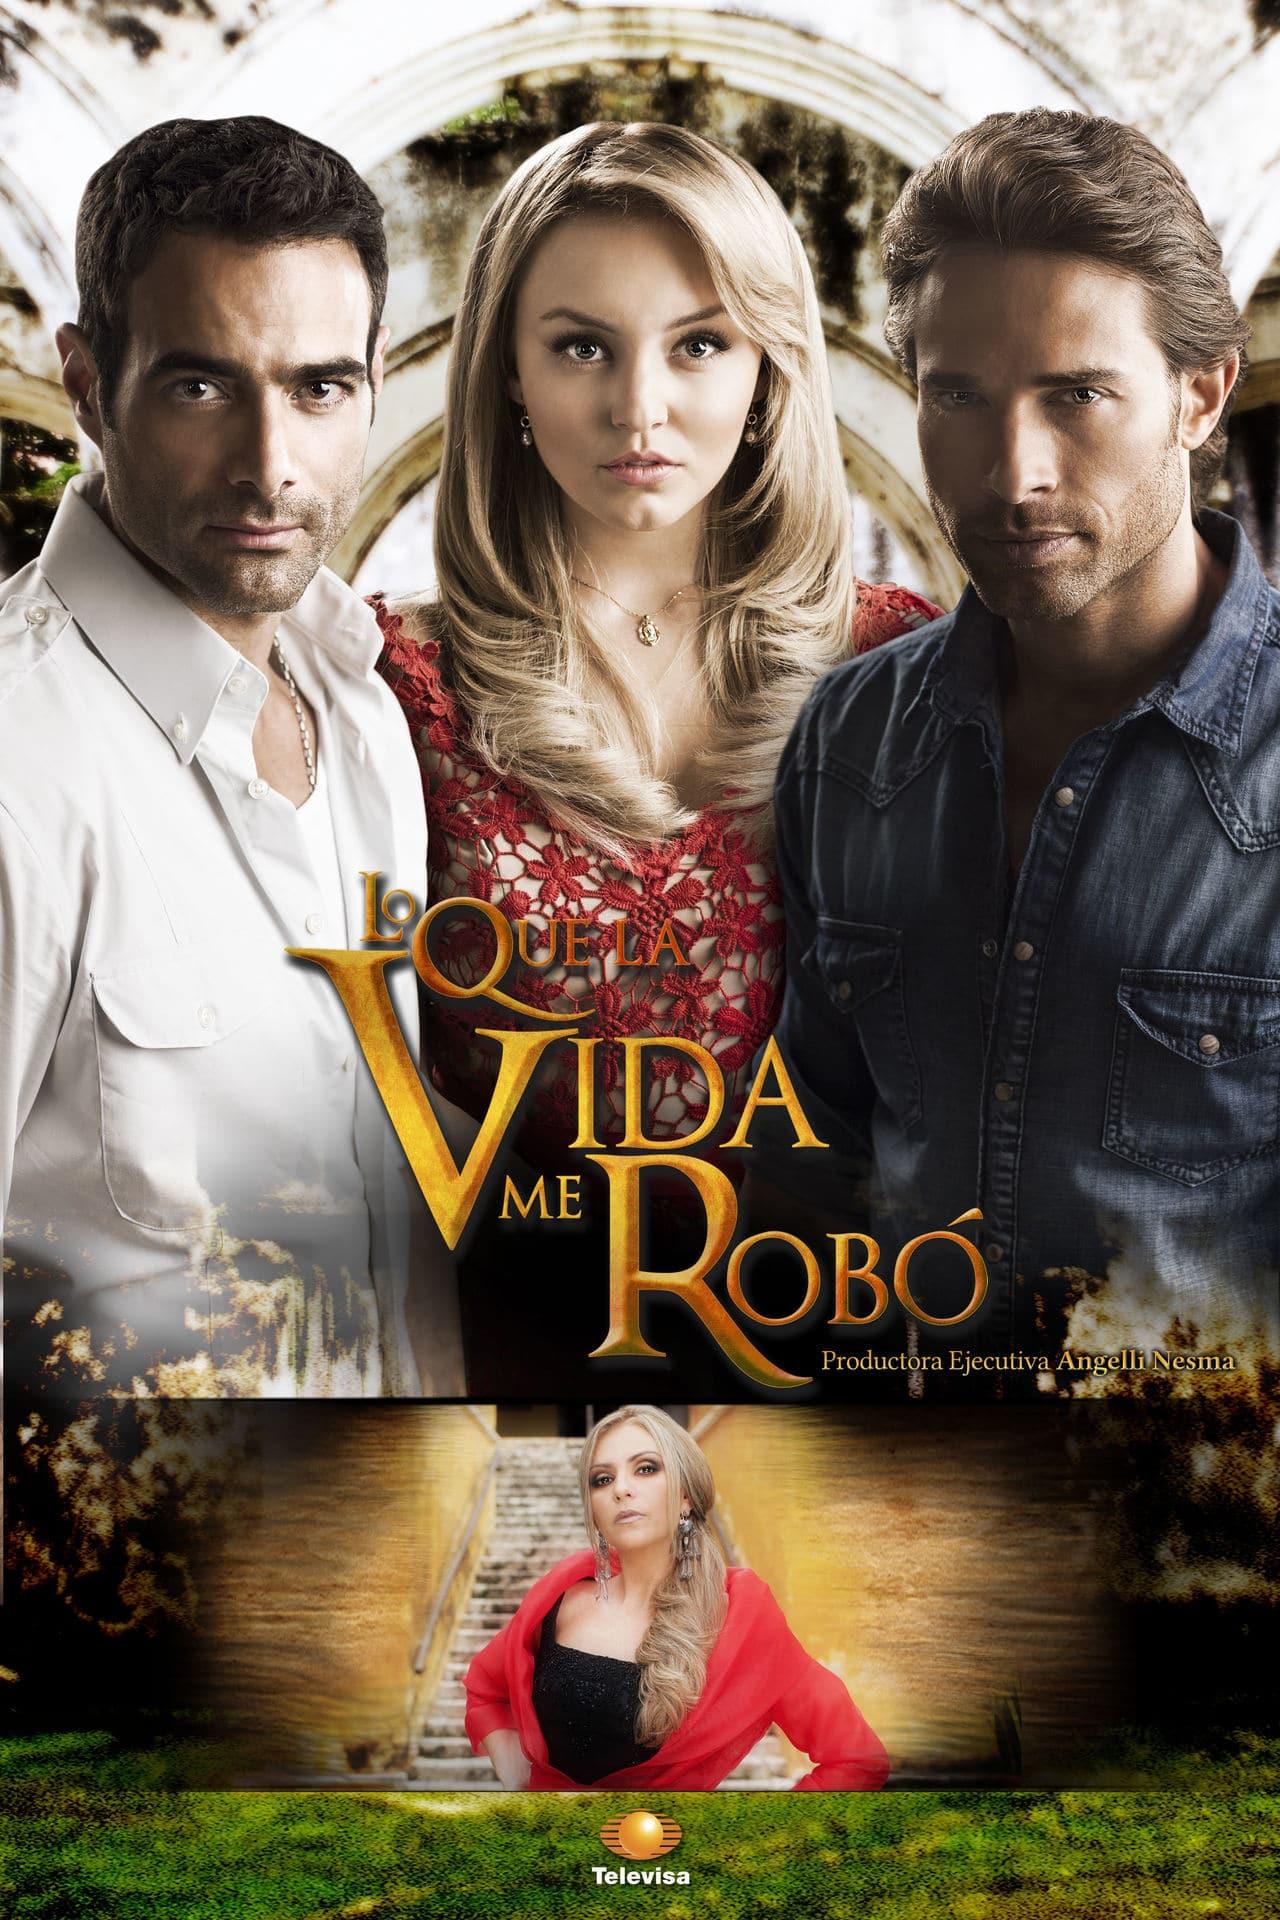 შევაფასოთ სერიალები! - Page 6 Lo_que_la_vida_me_robo_001